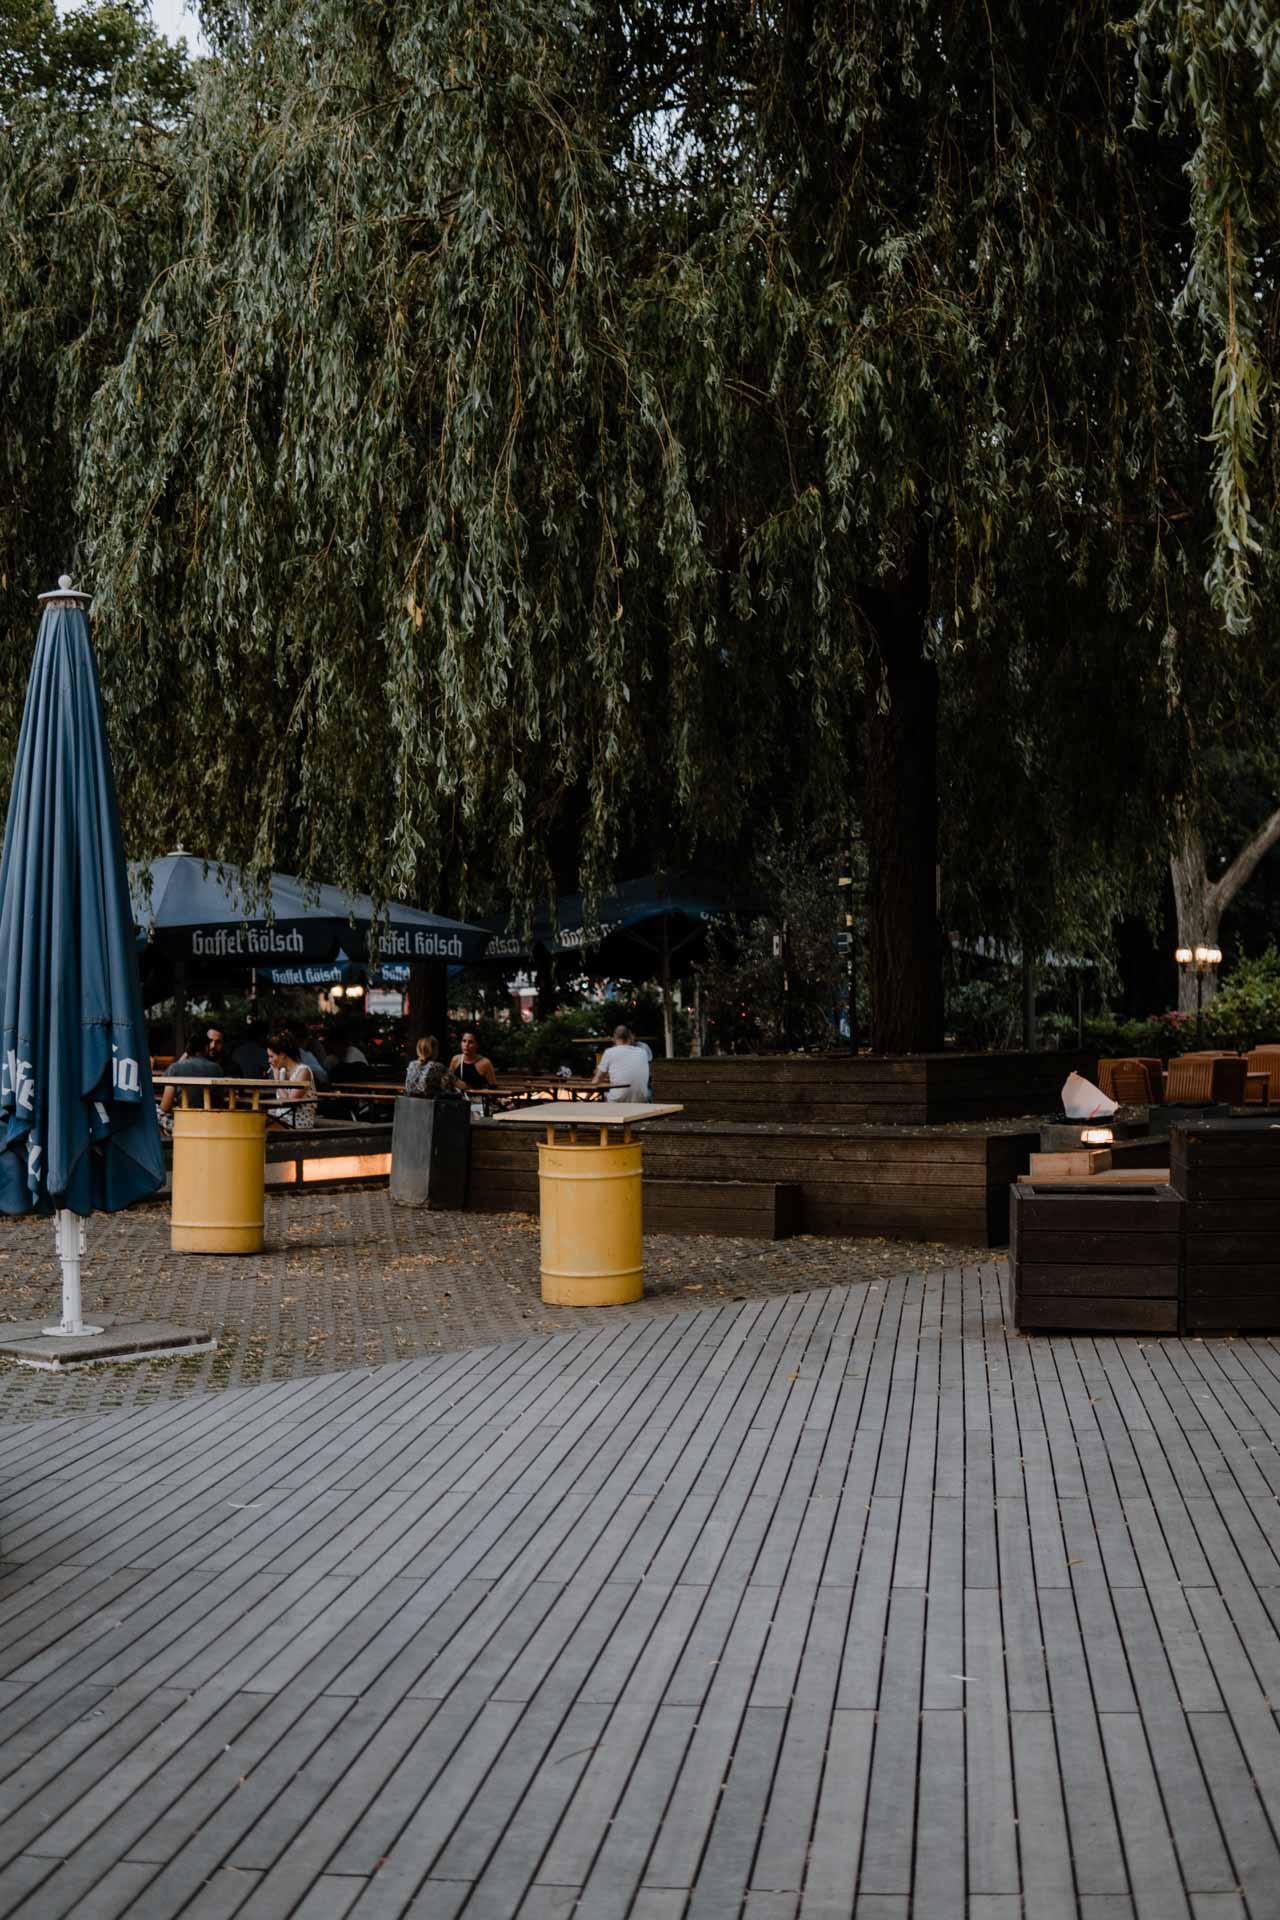 Biergärten_wearecity_koeln_julia_breuer-87.jpg